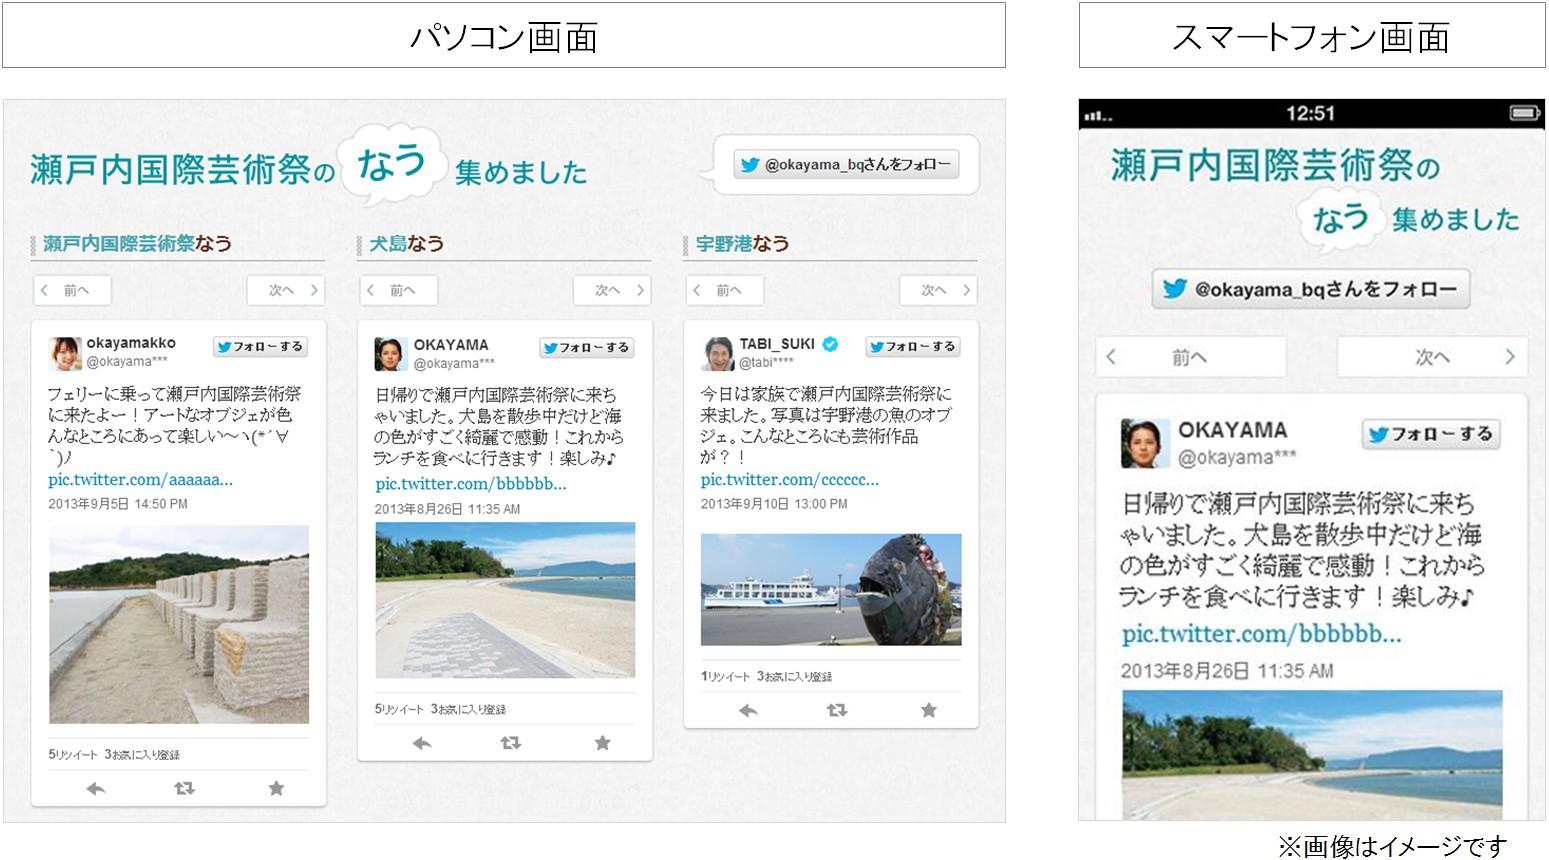 okayama_tw_image.jpg